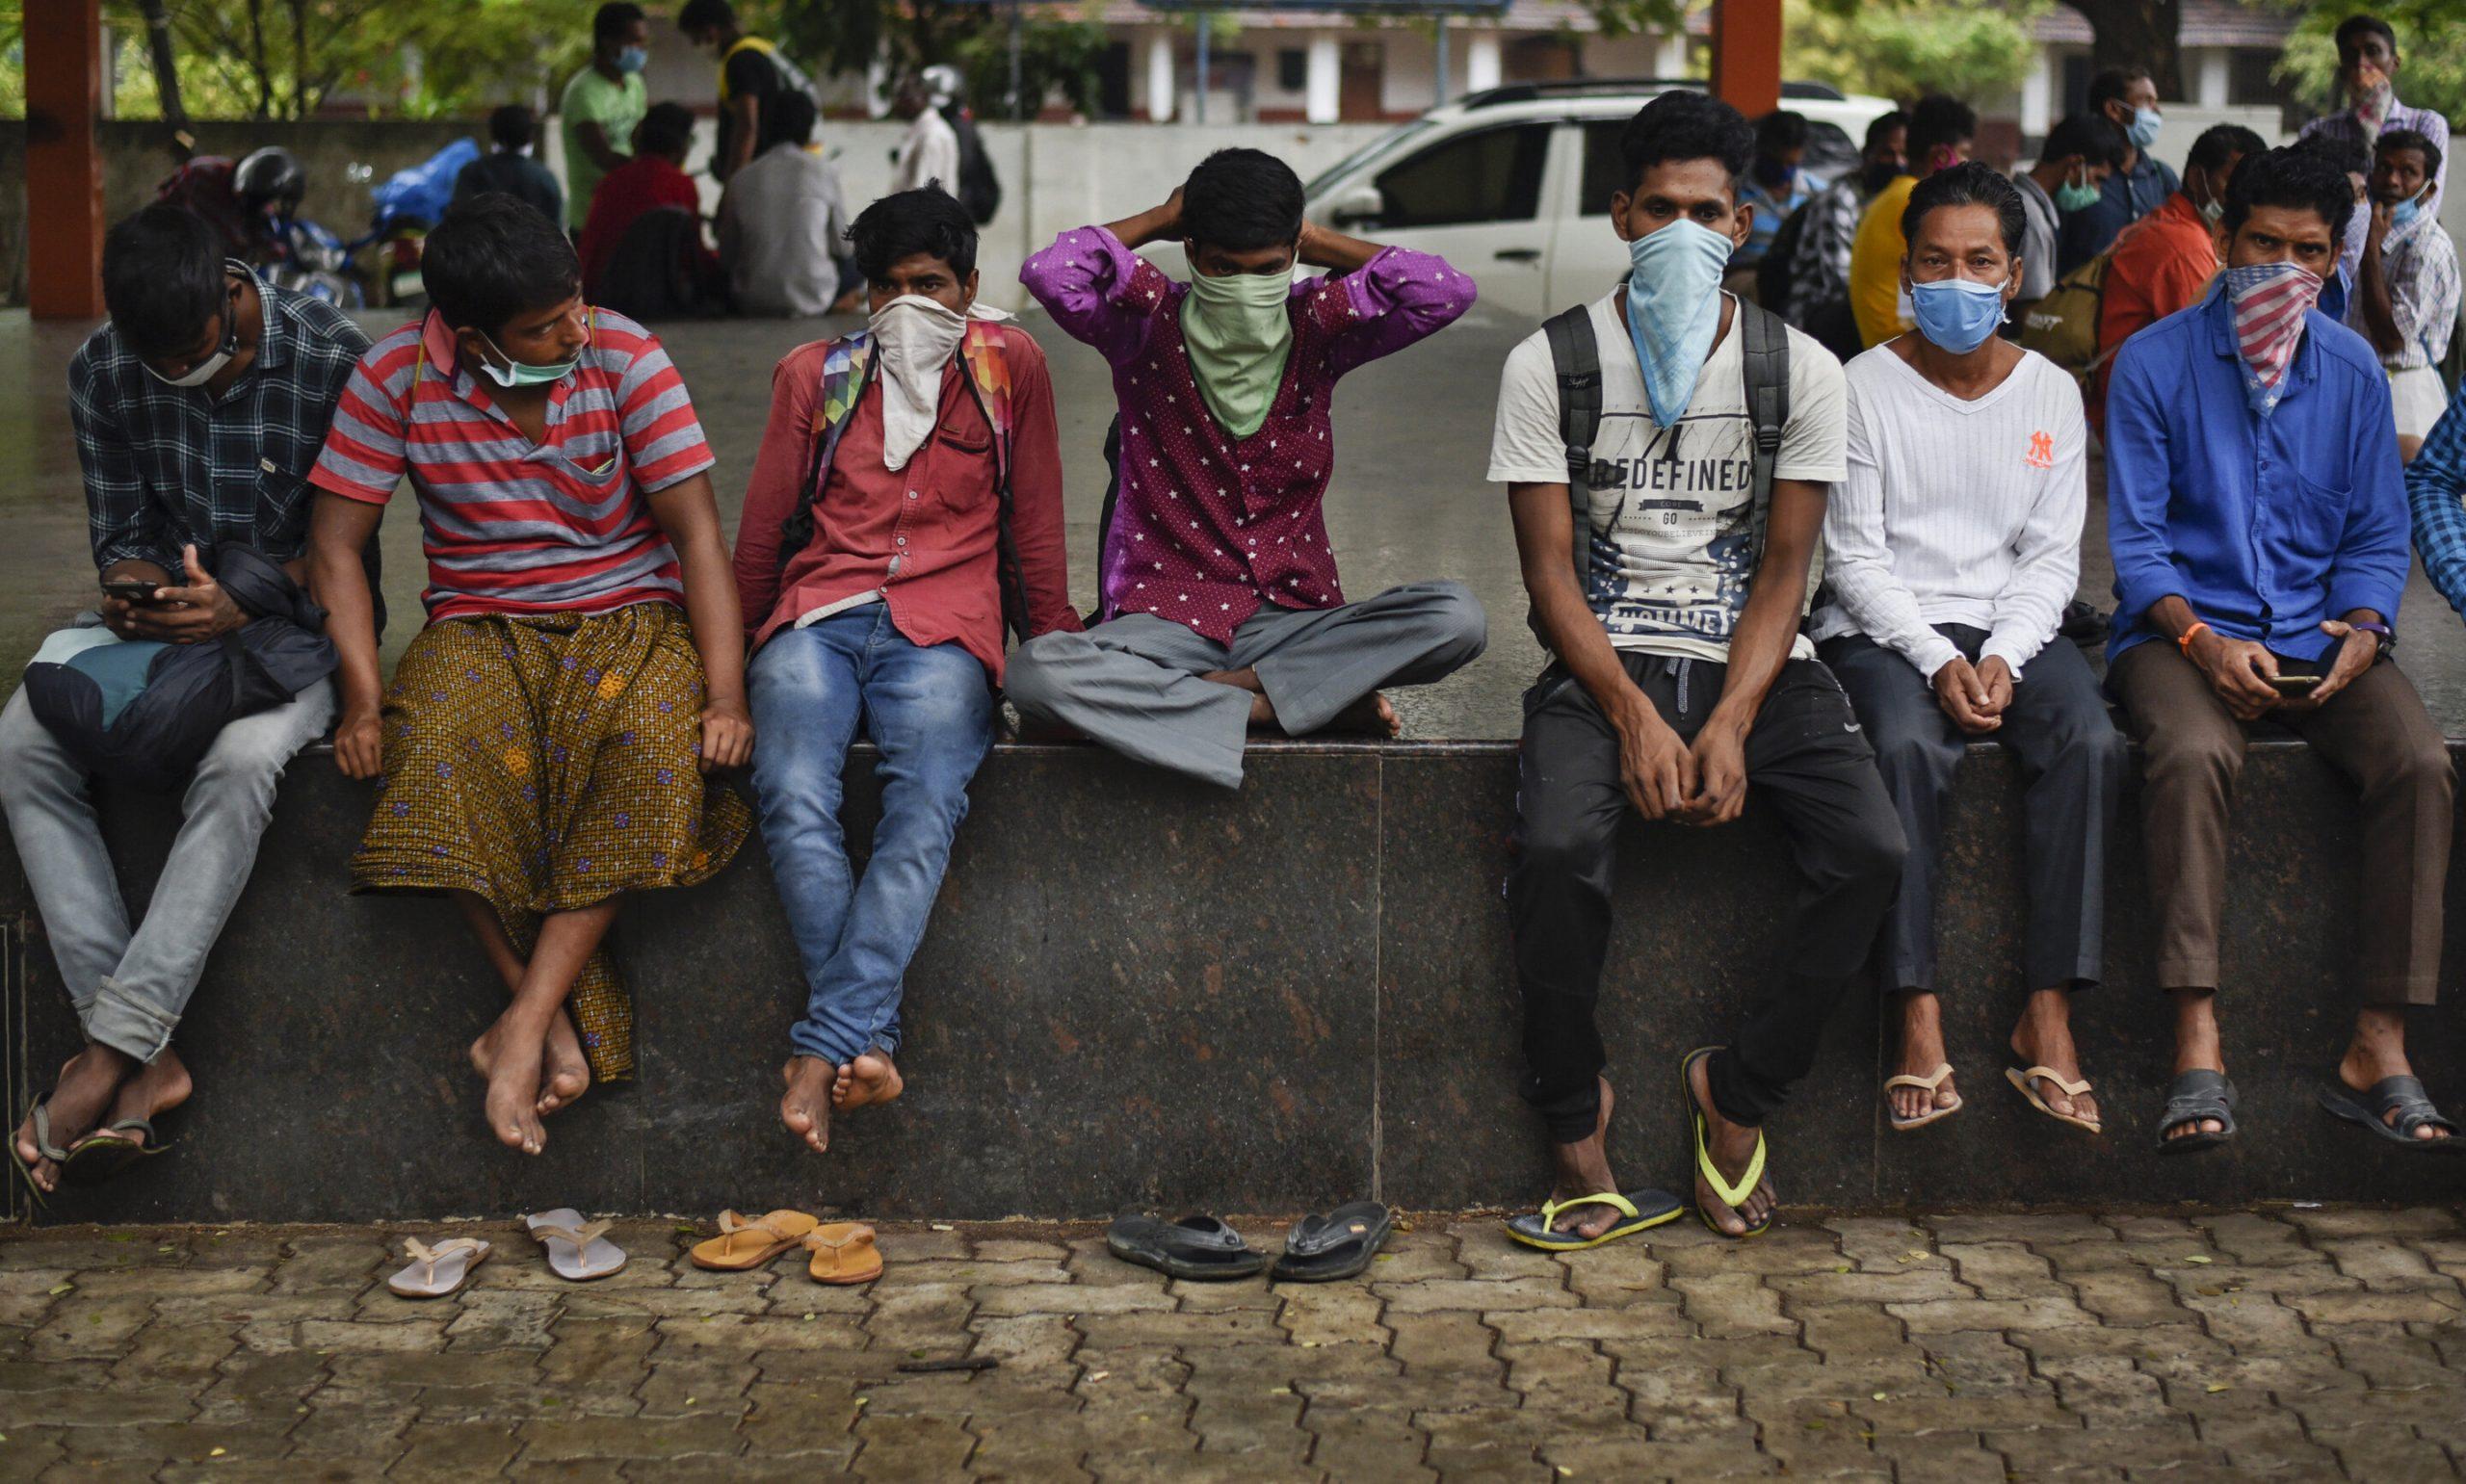 Globale sorgen wie Infektionen spike in Russland, Brasilien, Indien